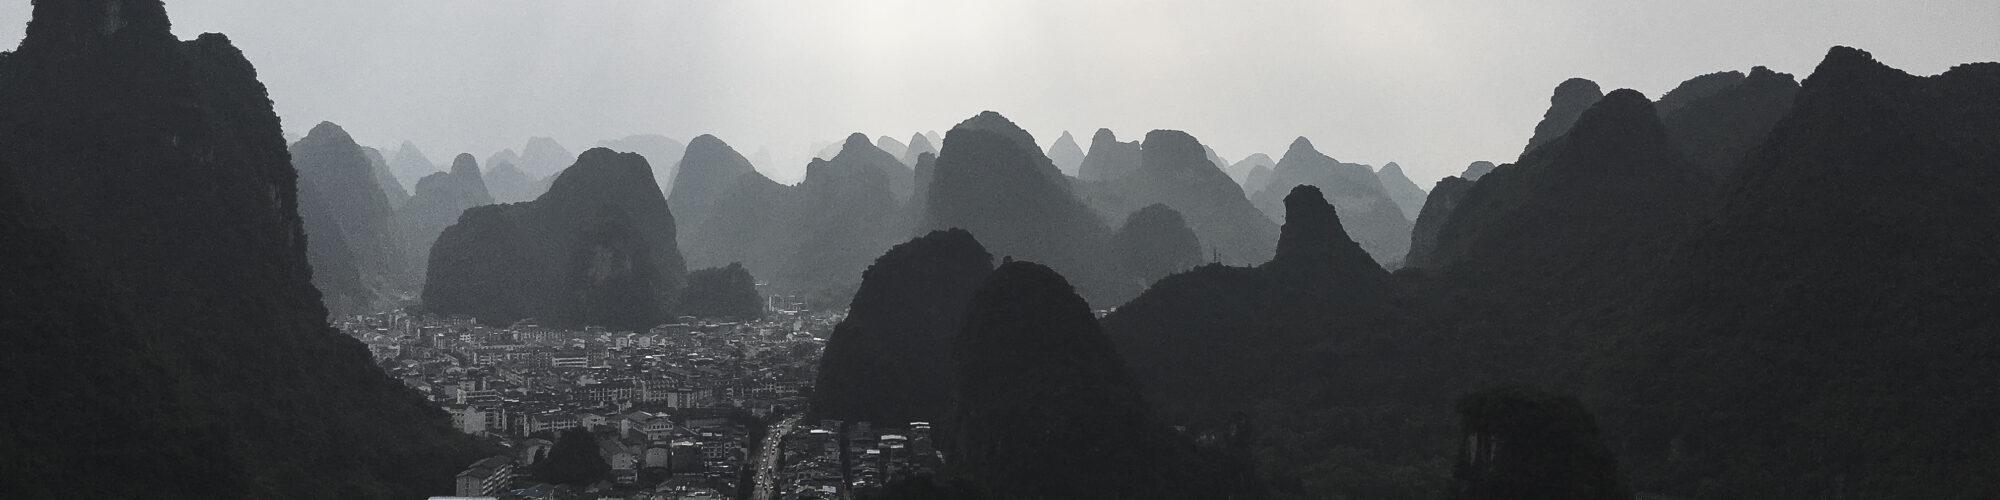 Yangshuo Karst